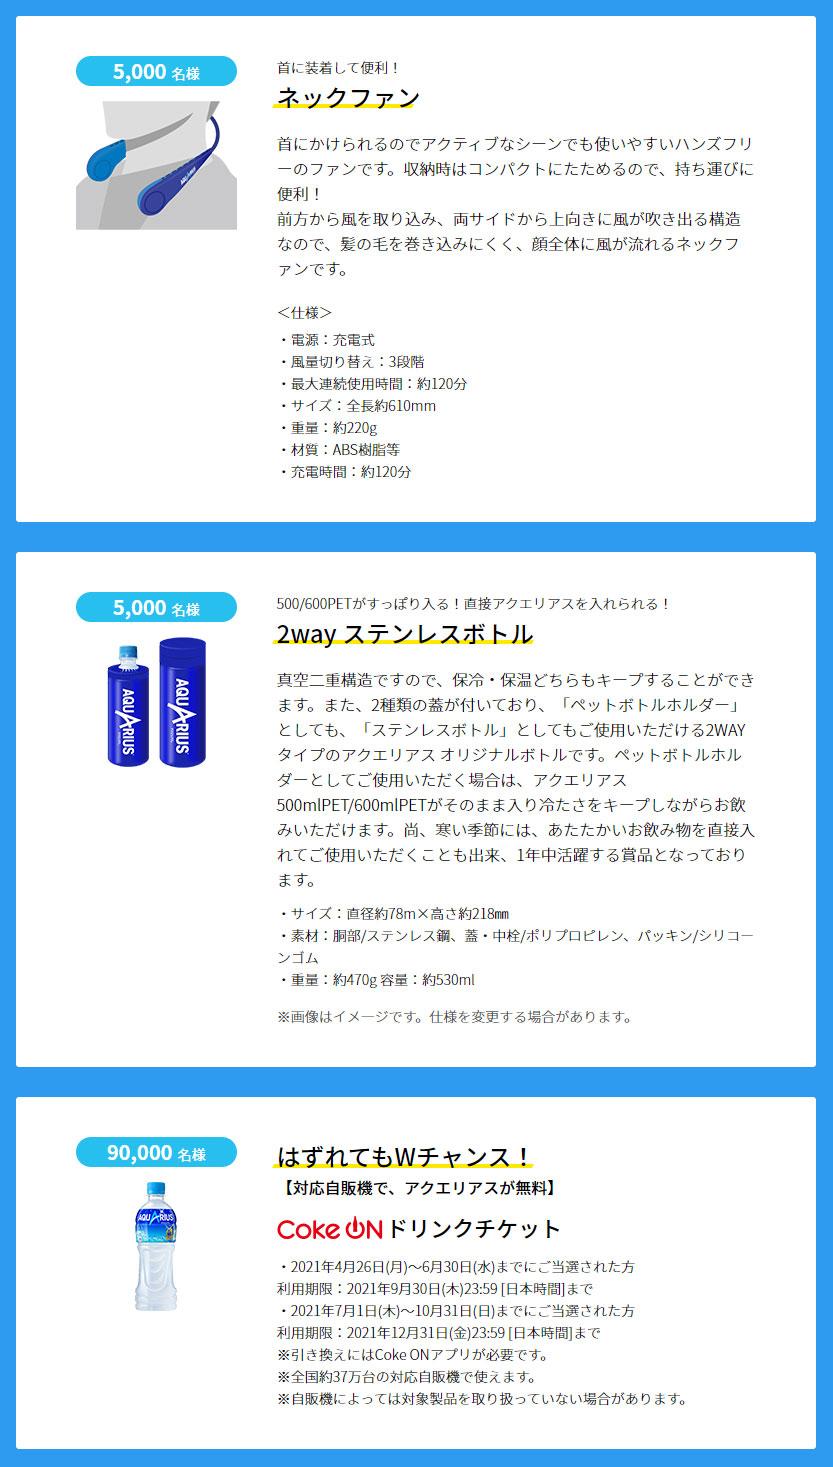 アクエリアス 懸賞キャンペーン2021夏 プレゼント懸賞品